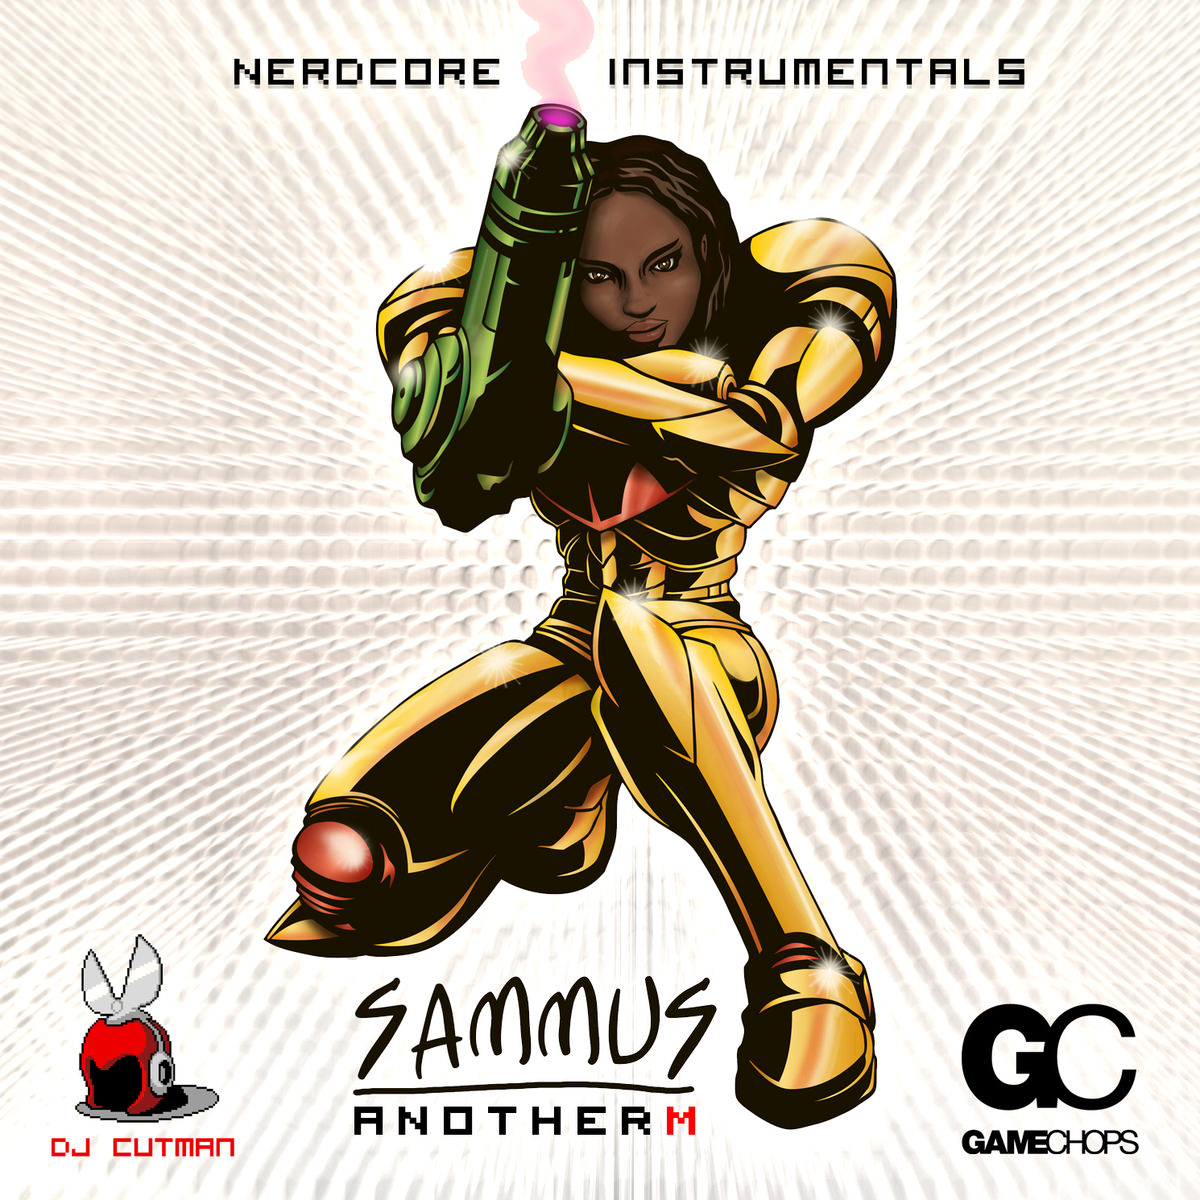 Nerdcore-Instrumentals-Sammus-Dj-CUTMAN